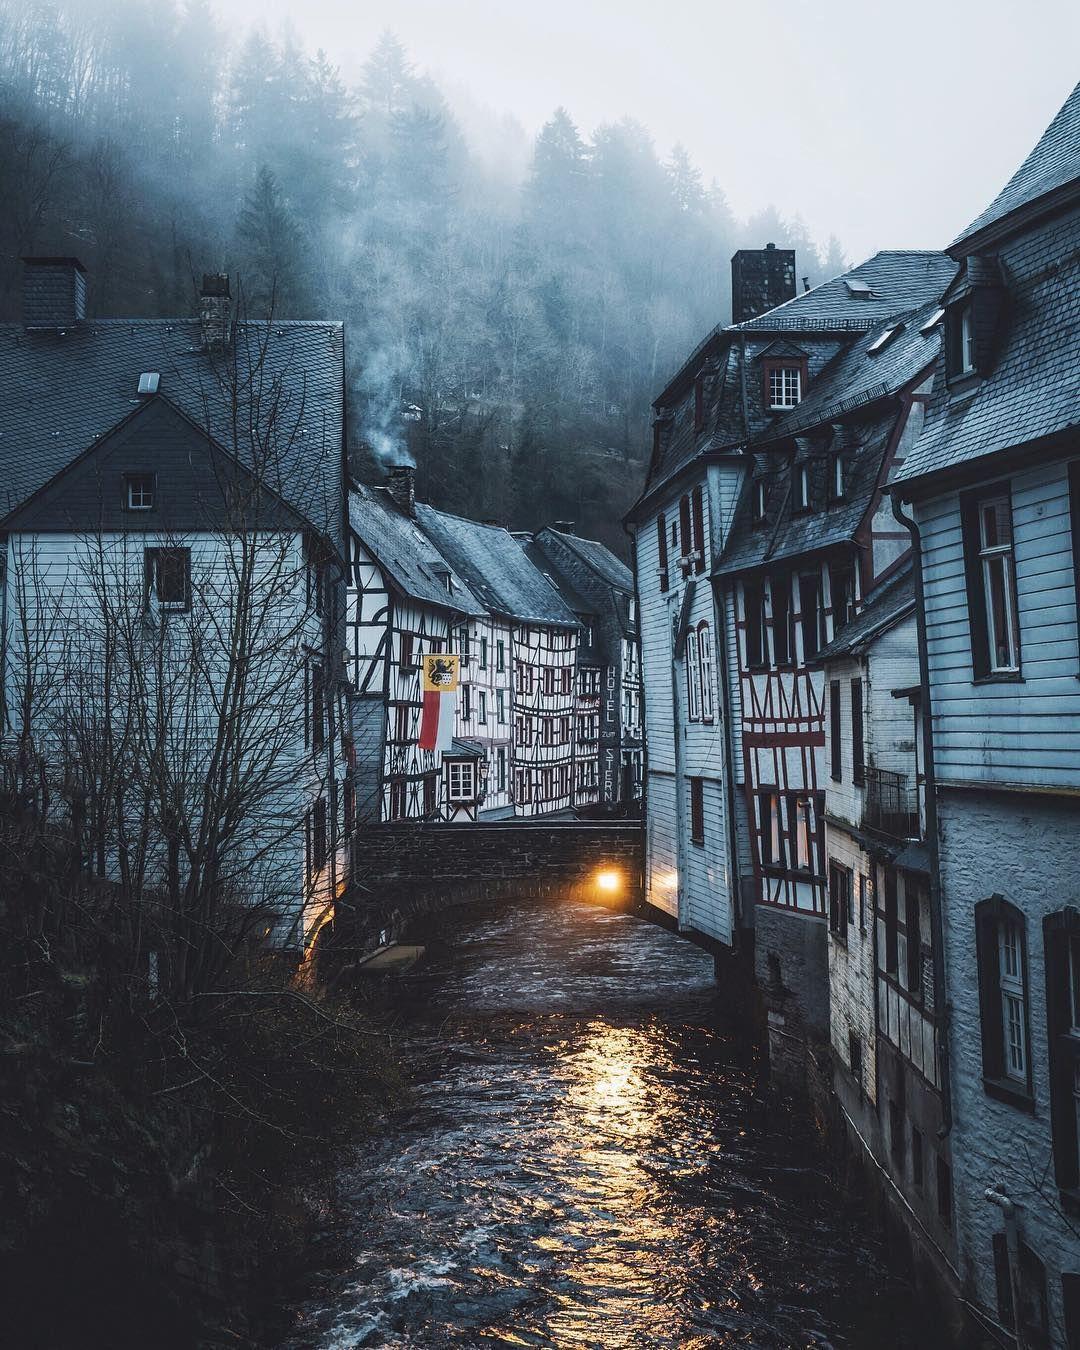 27 unfassbar sch ne orte in deutschland die du 2018 besuchen musst sehenswerte orte. Black Bedroom Furniture Sets. Home Design Ideas